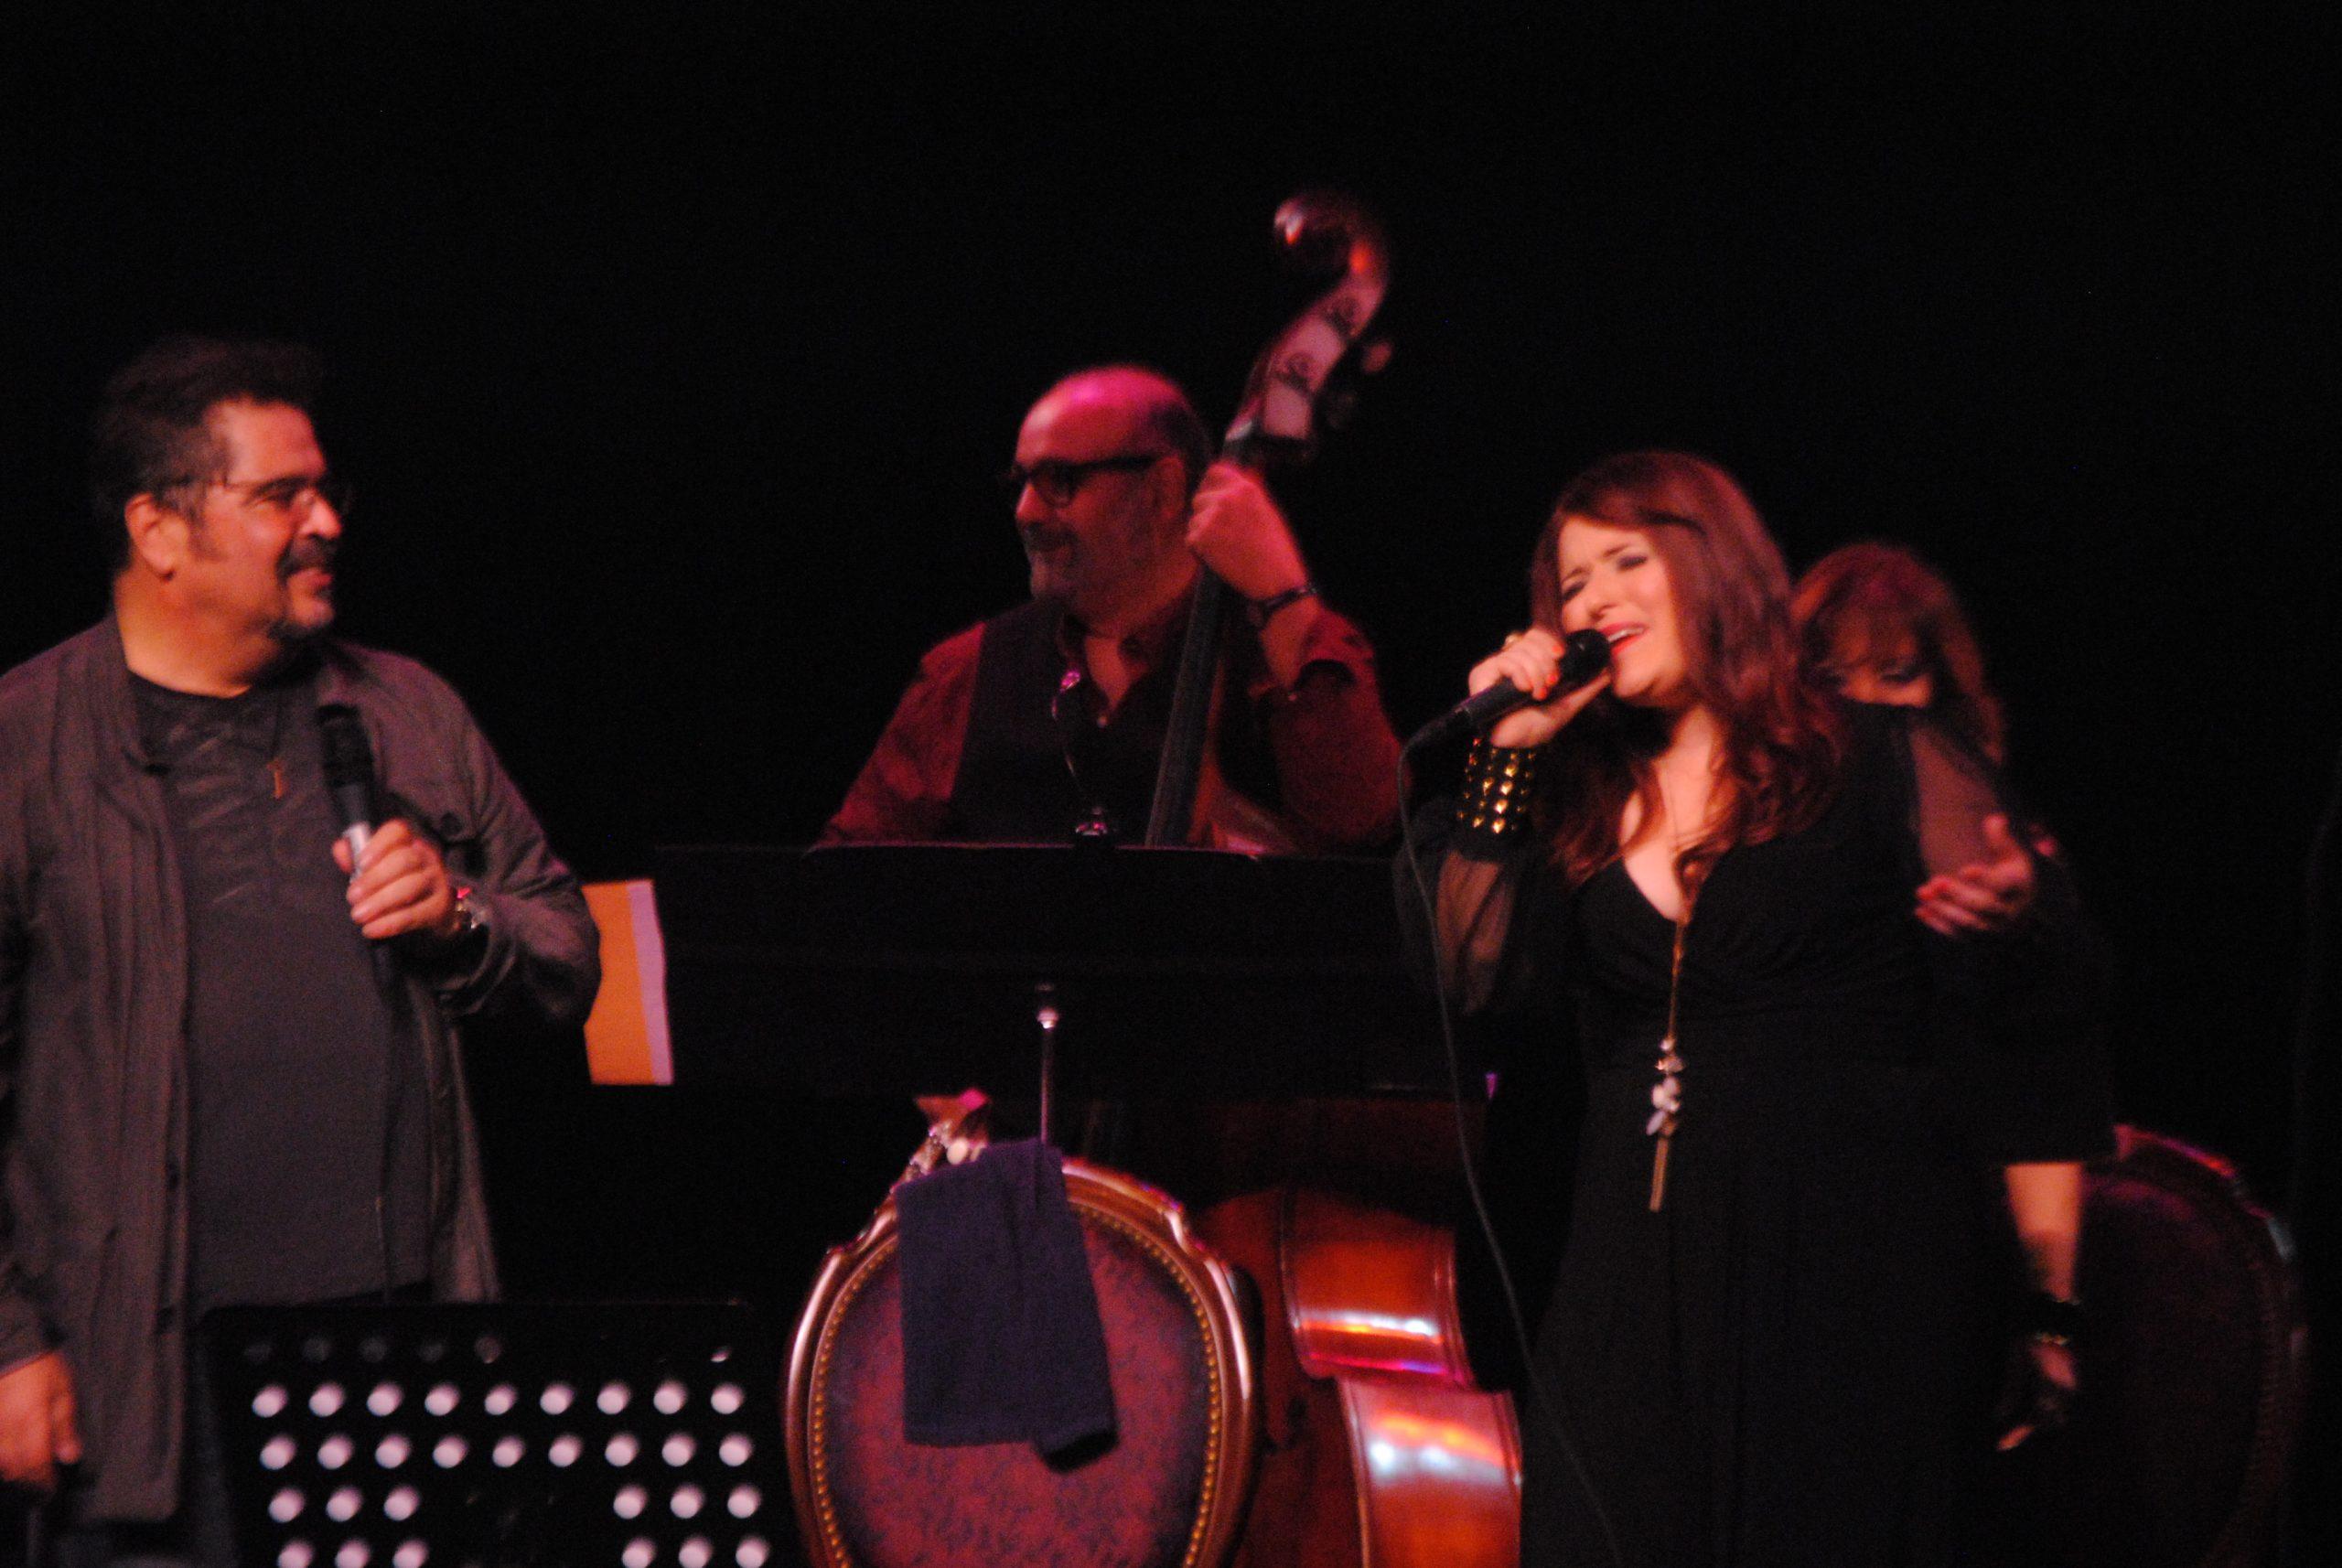 El cantautor también cantó a dúo con Mónika Nieves. (Foto Jaime Torres Torres para Fundación Nacional para la Cultura Popular)